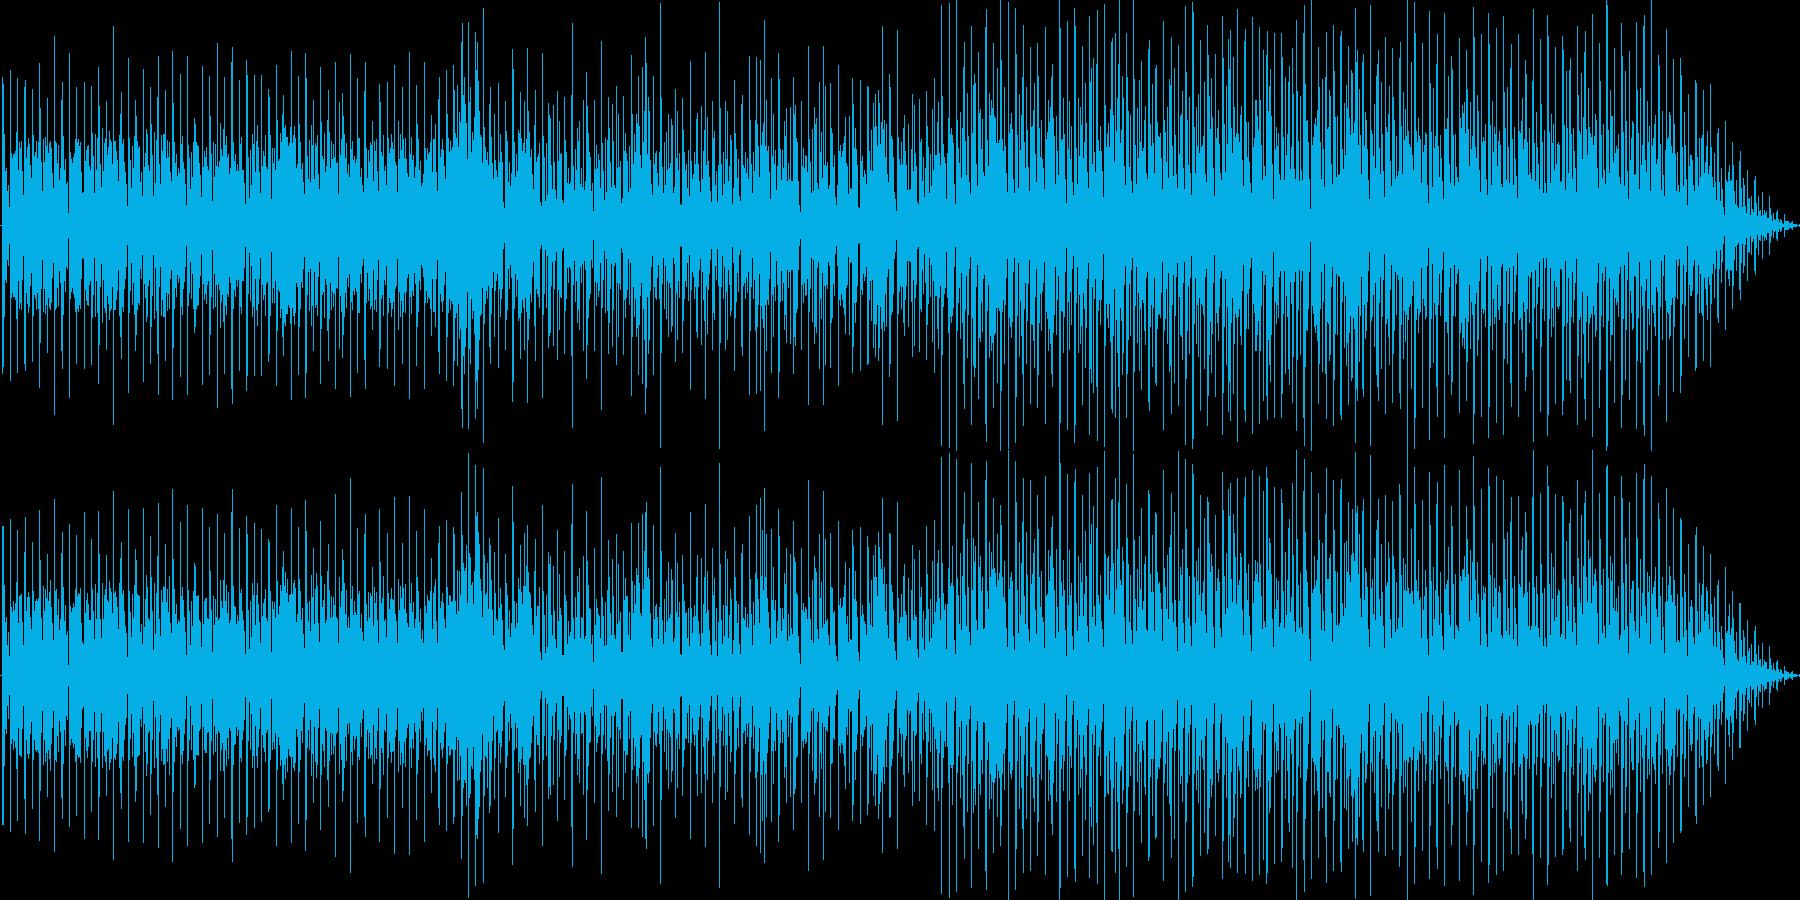 ノリのいい分厚いテクノビートの再生済みの波形